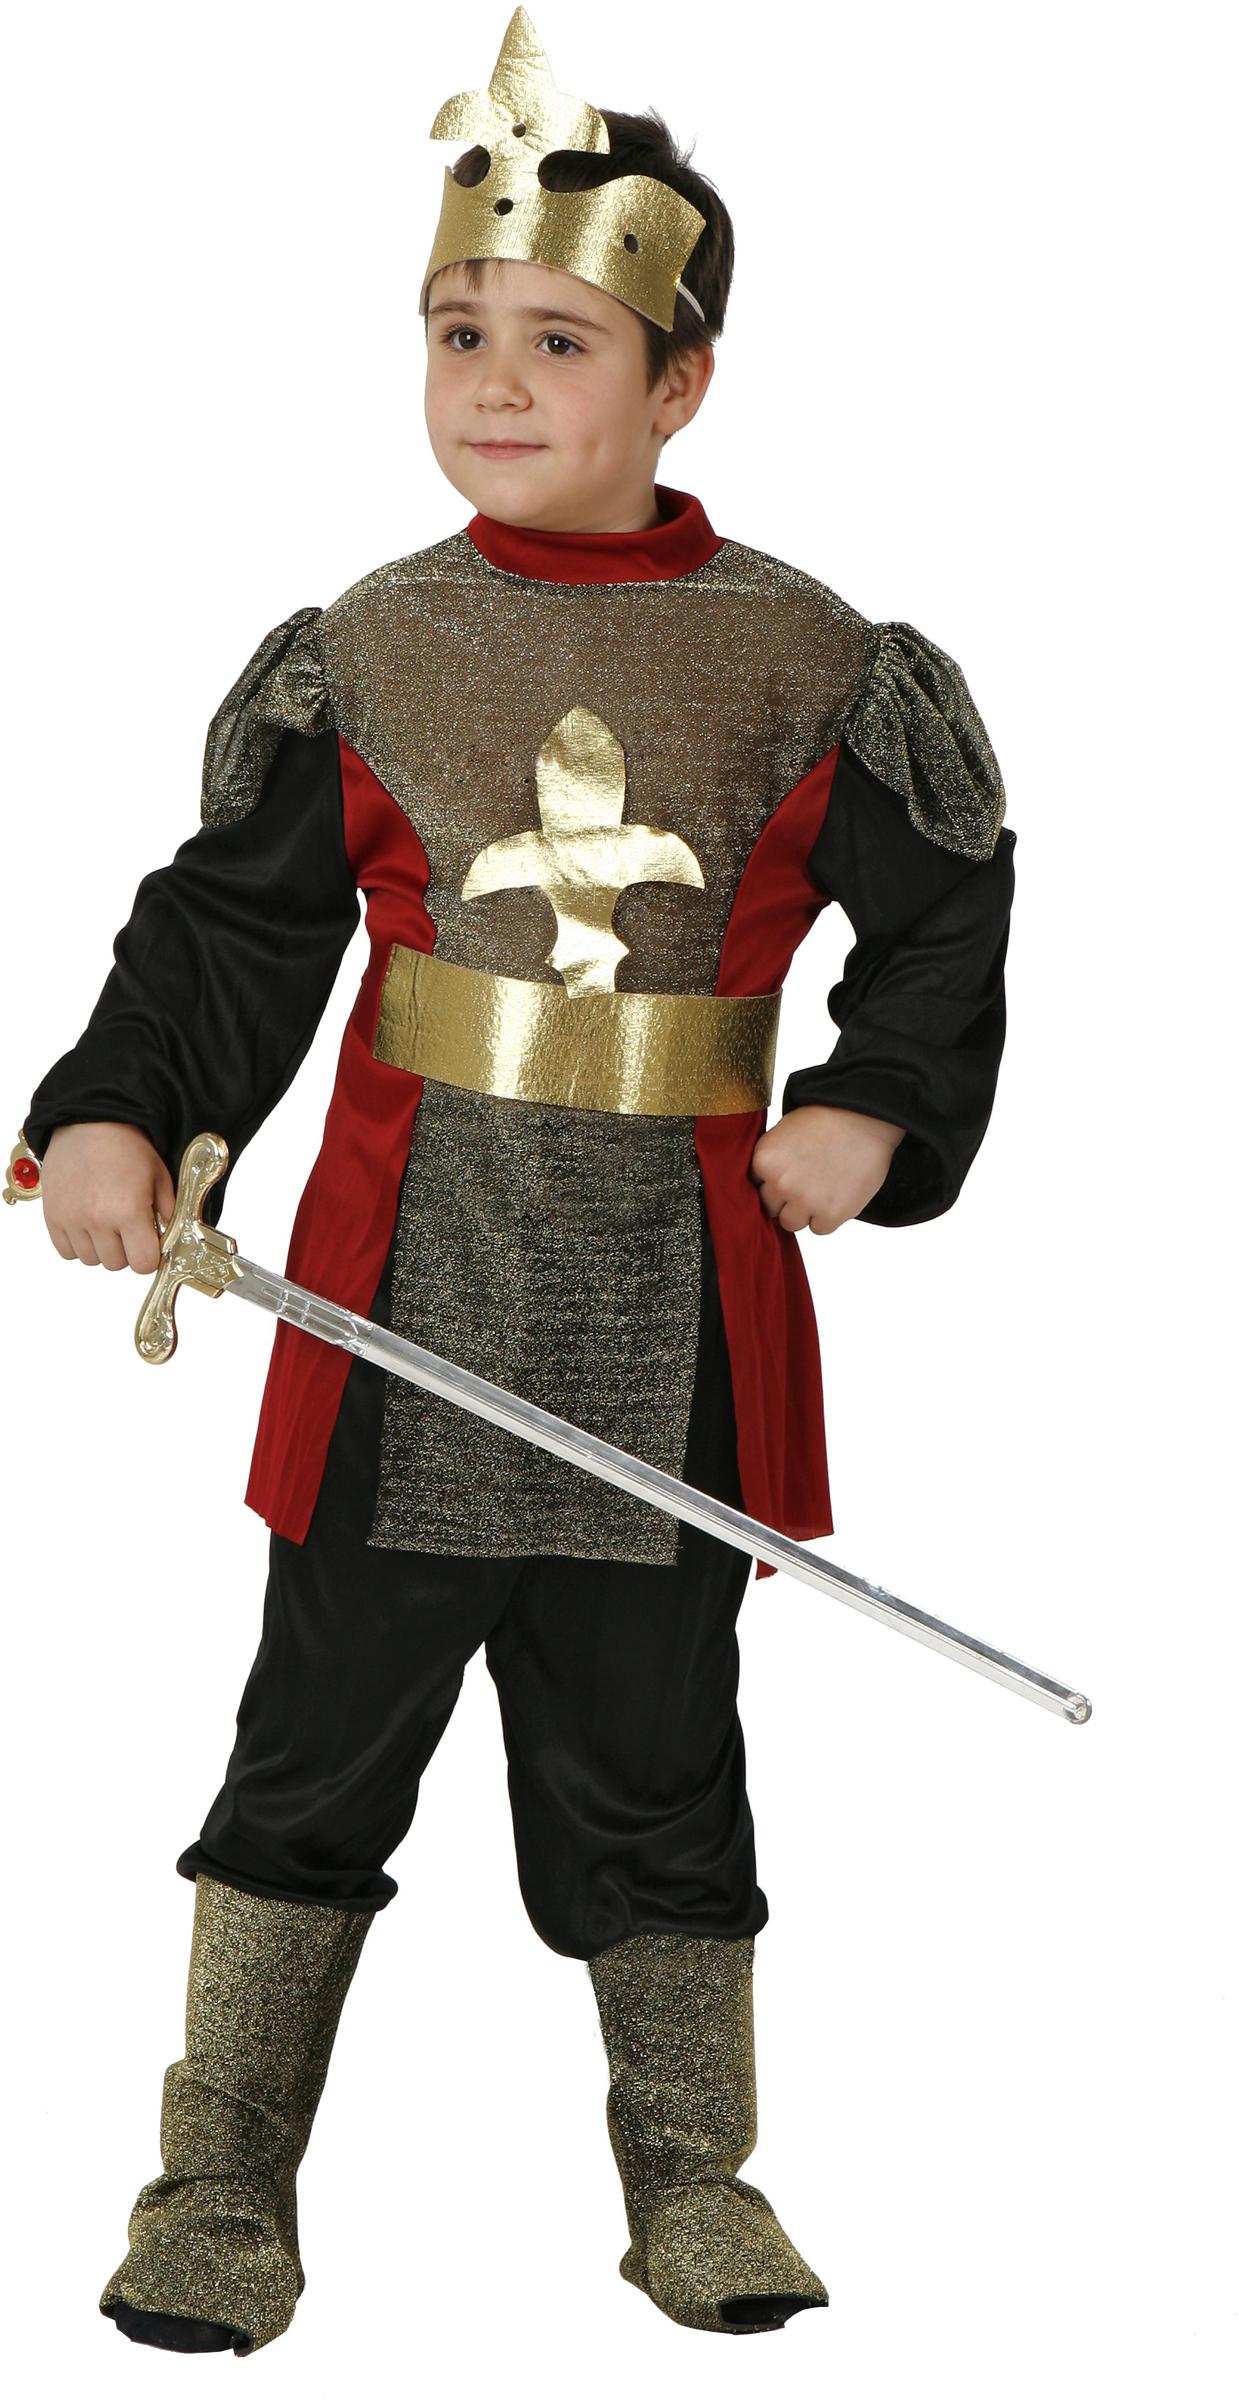 Как сшить костюм рыцаря для мальчика своими руками? 26